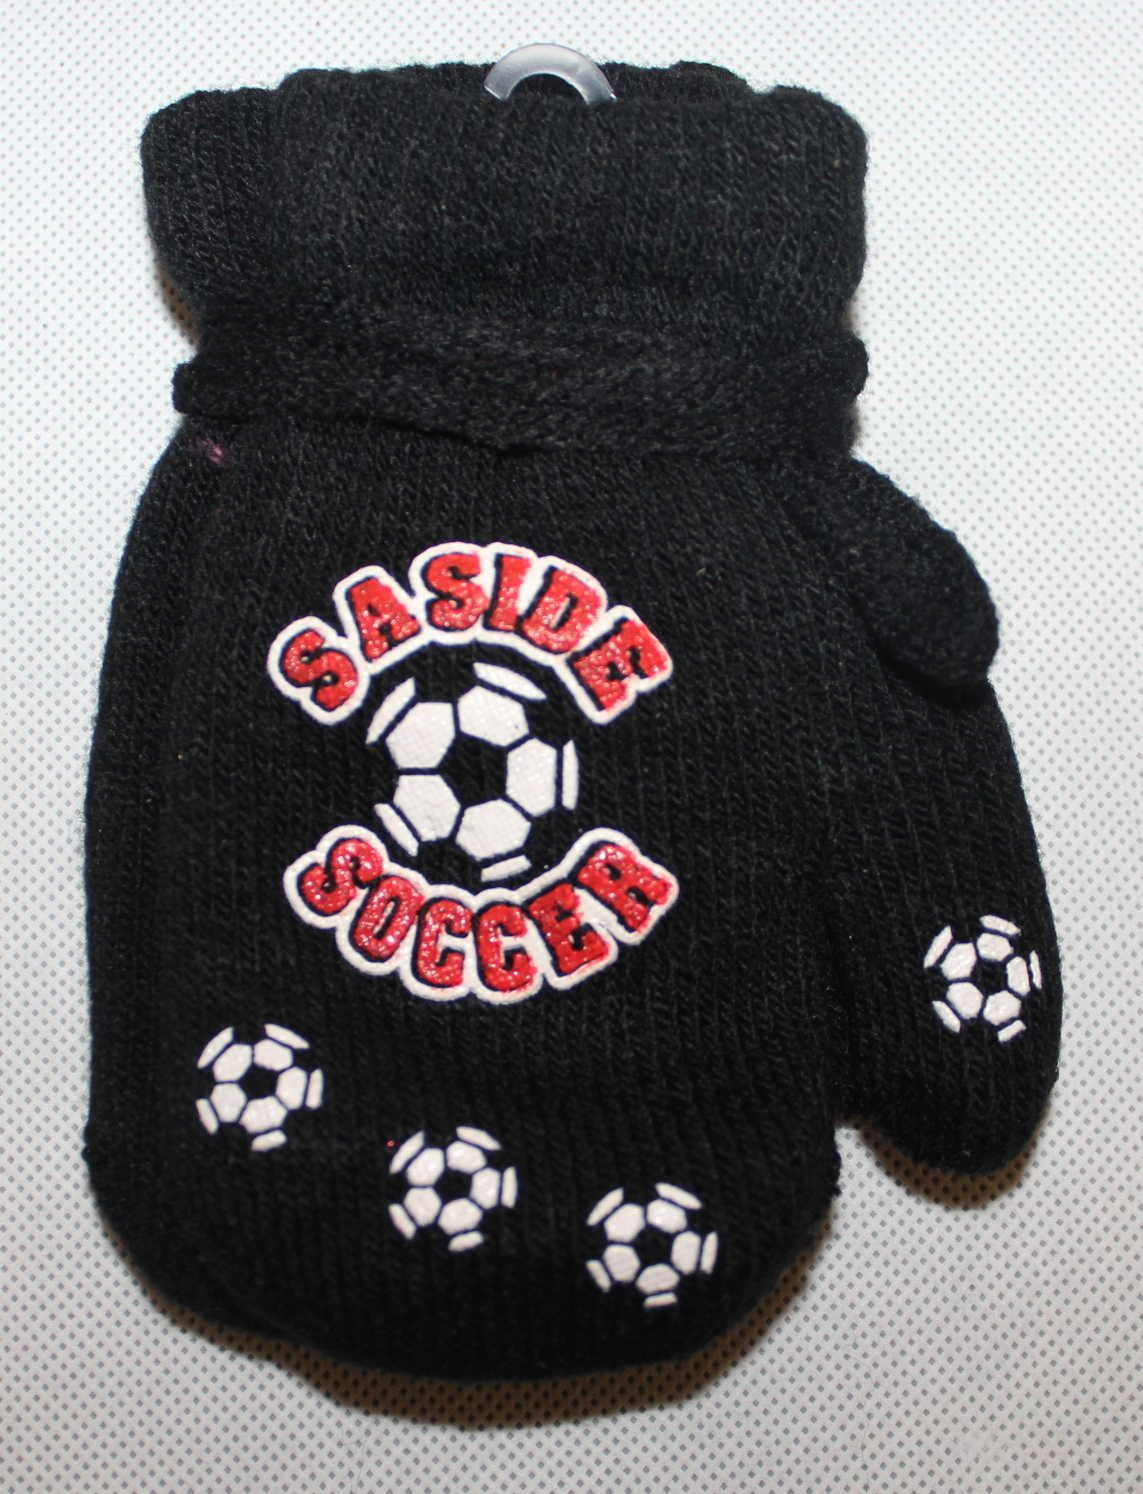 Dětské rukavice, dětské palčáky se šňůrkou, slabé rukavice, chlapecké palčáky s míčem, pletené rukavice palčáky, dětské rukavice na šňůrku